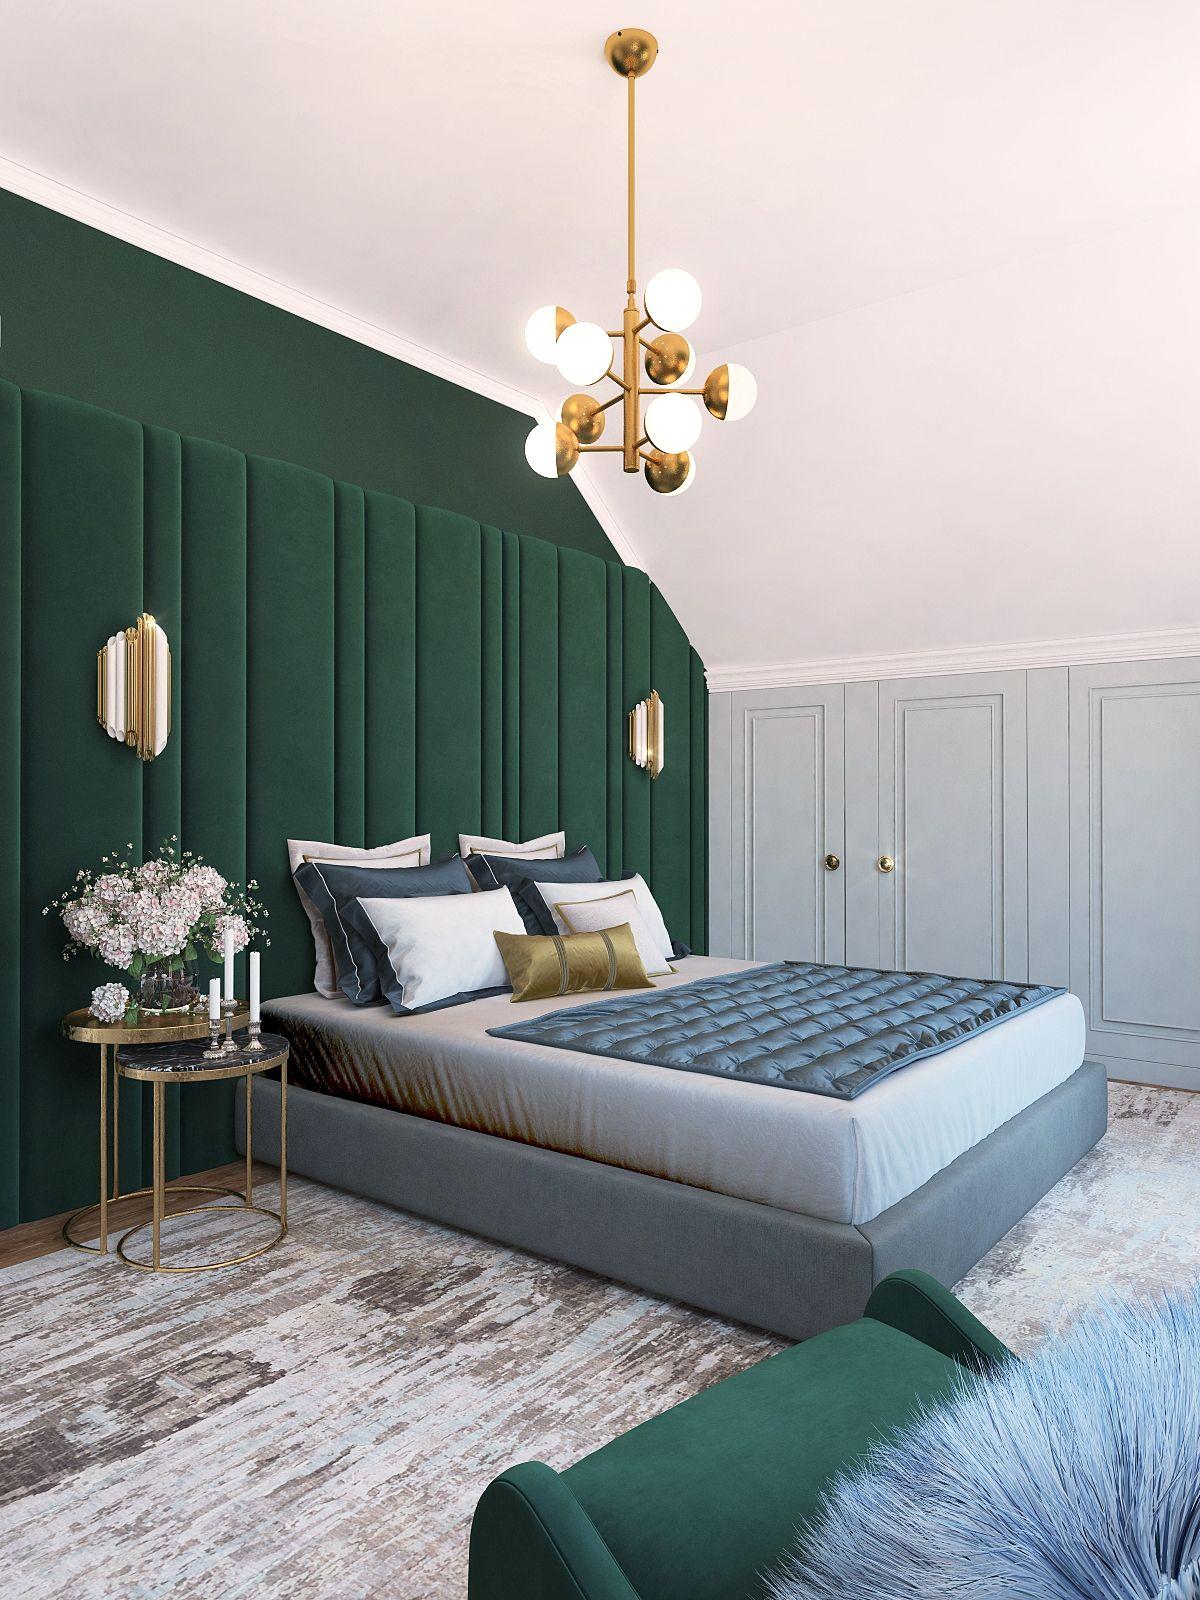 Спальня арт-деко. Зеленый цвет в интерьере в 2019 г ...